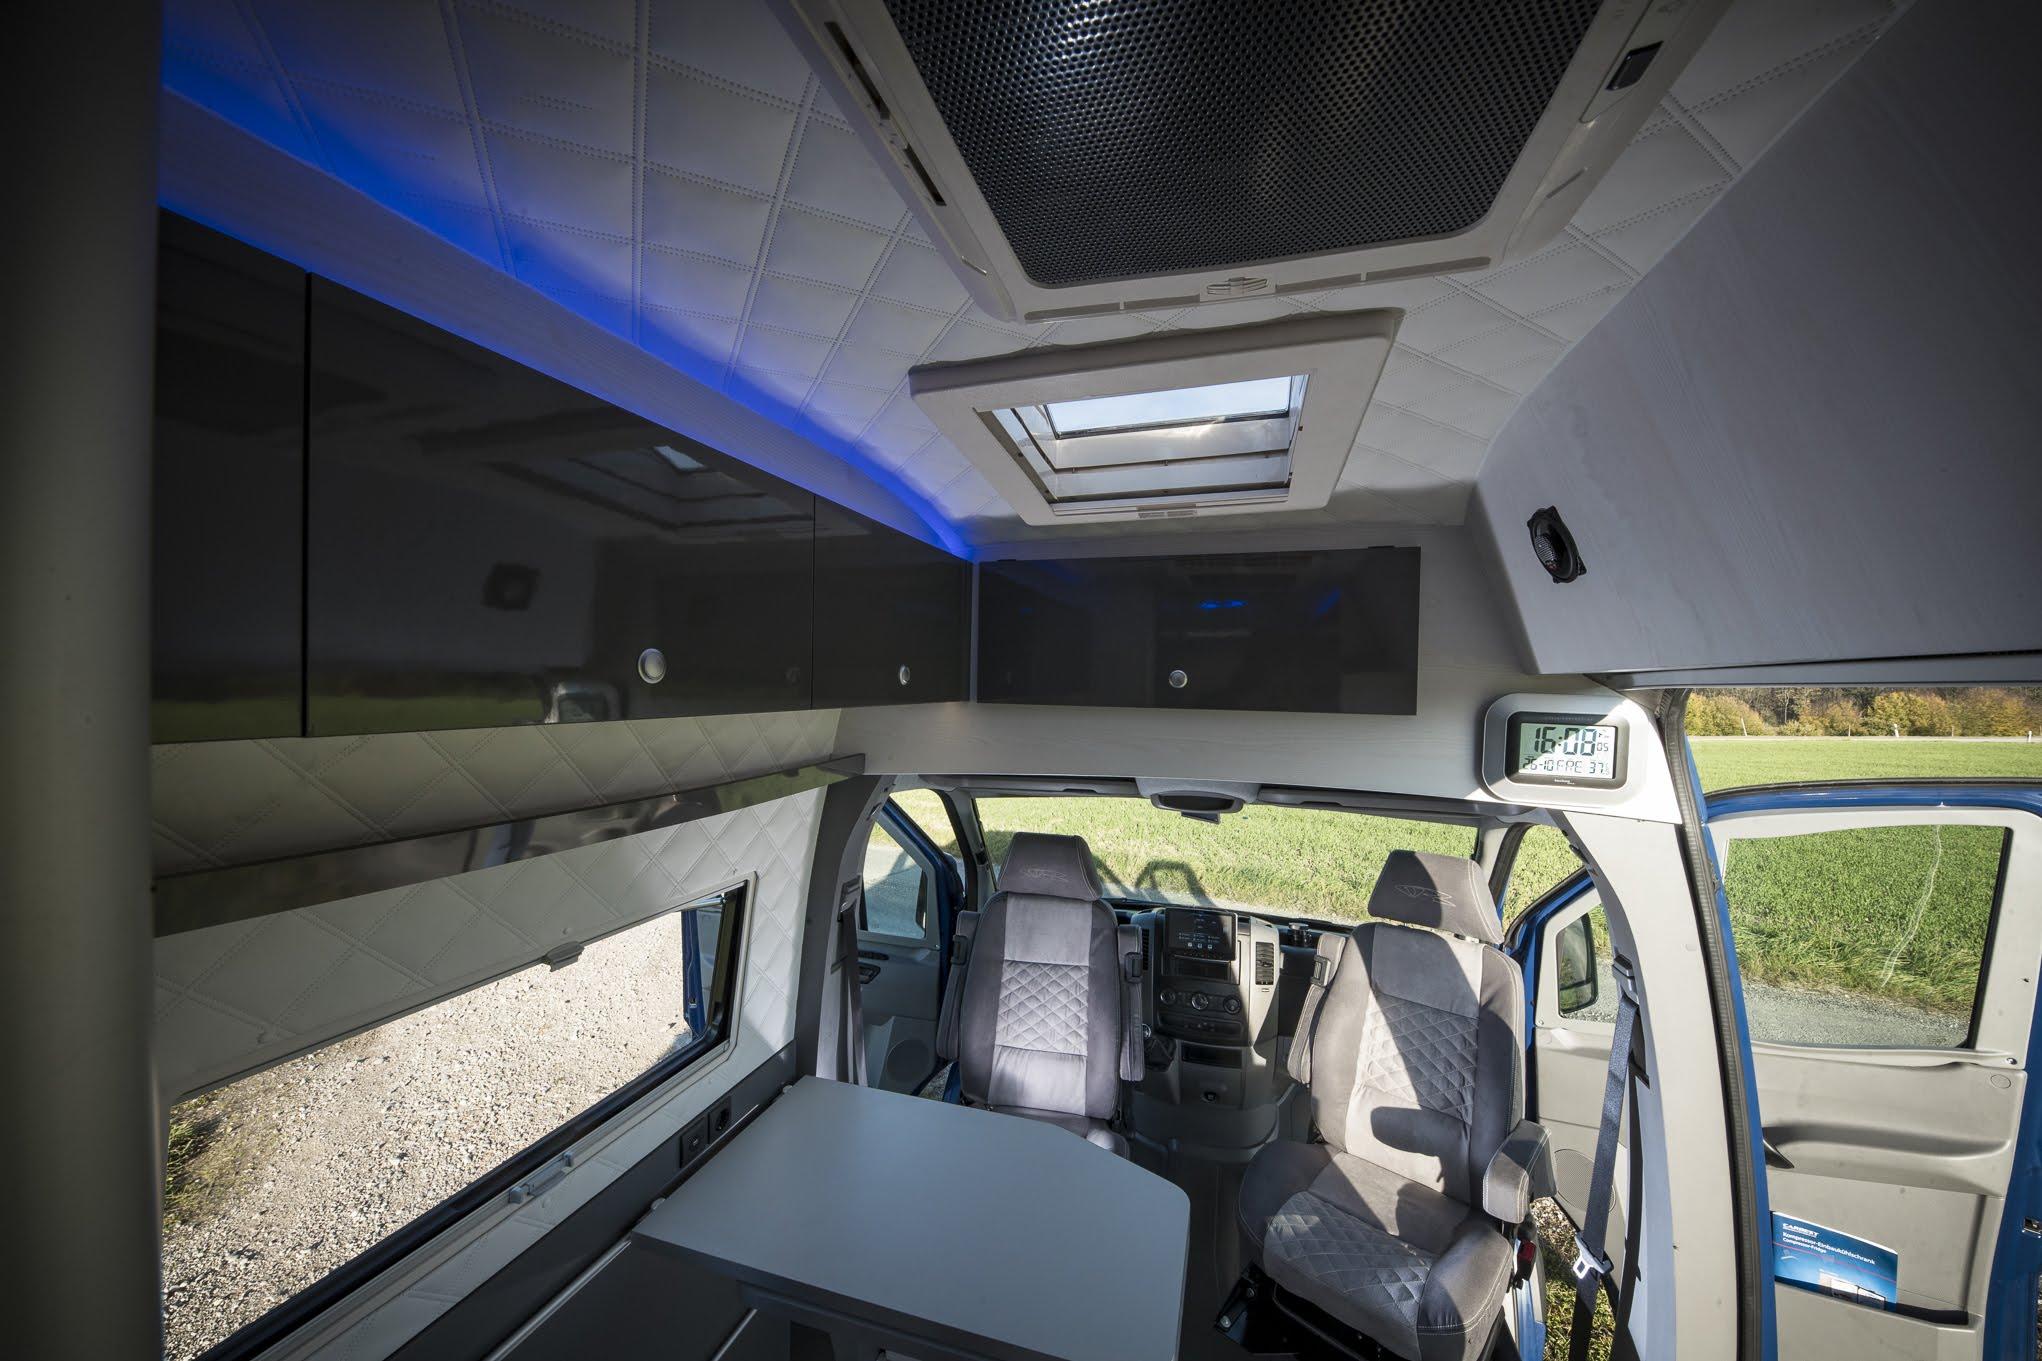 VR camper kastenwagen nutzfahrzeug mehrzweckfahrzeug buerofahrzeug wohnmobil womo uhr sitze abgesteppt VR